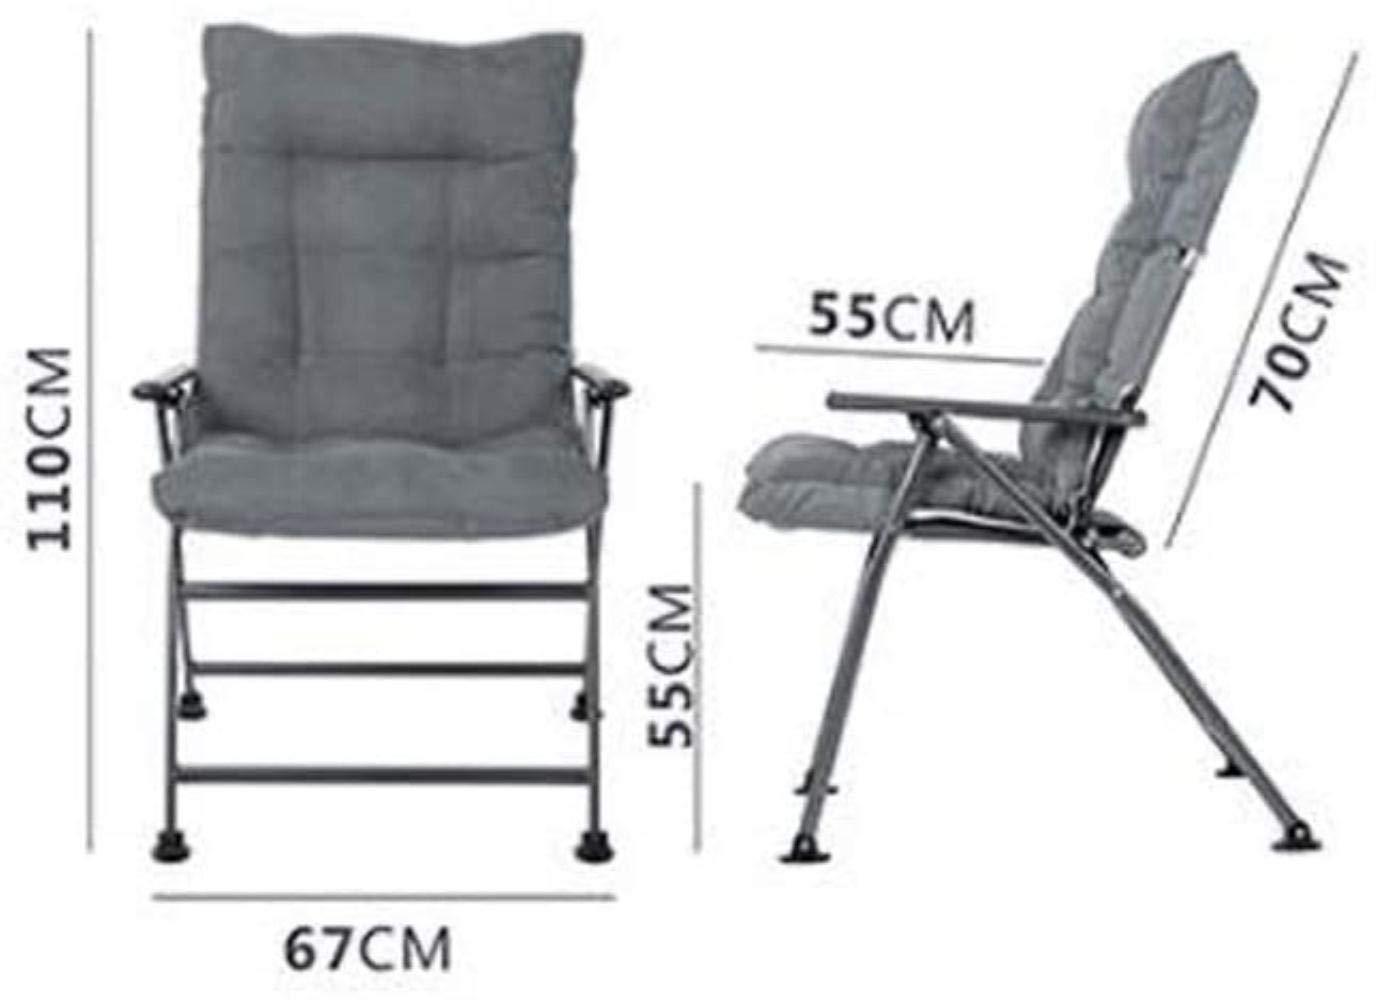 Fällbara stolar kontorsstol Siesta College sovsal dator stol rygg soffa stol avtagbar tvättbar fåtölj (färg: Blå) Vitt